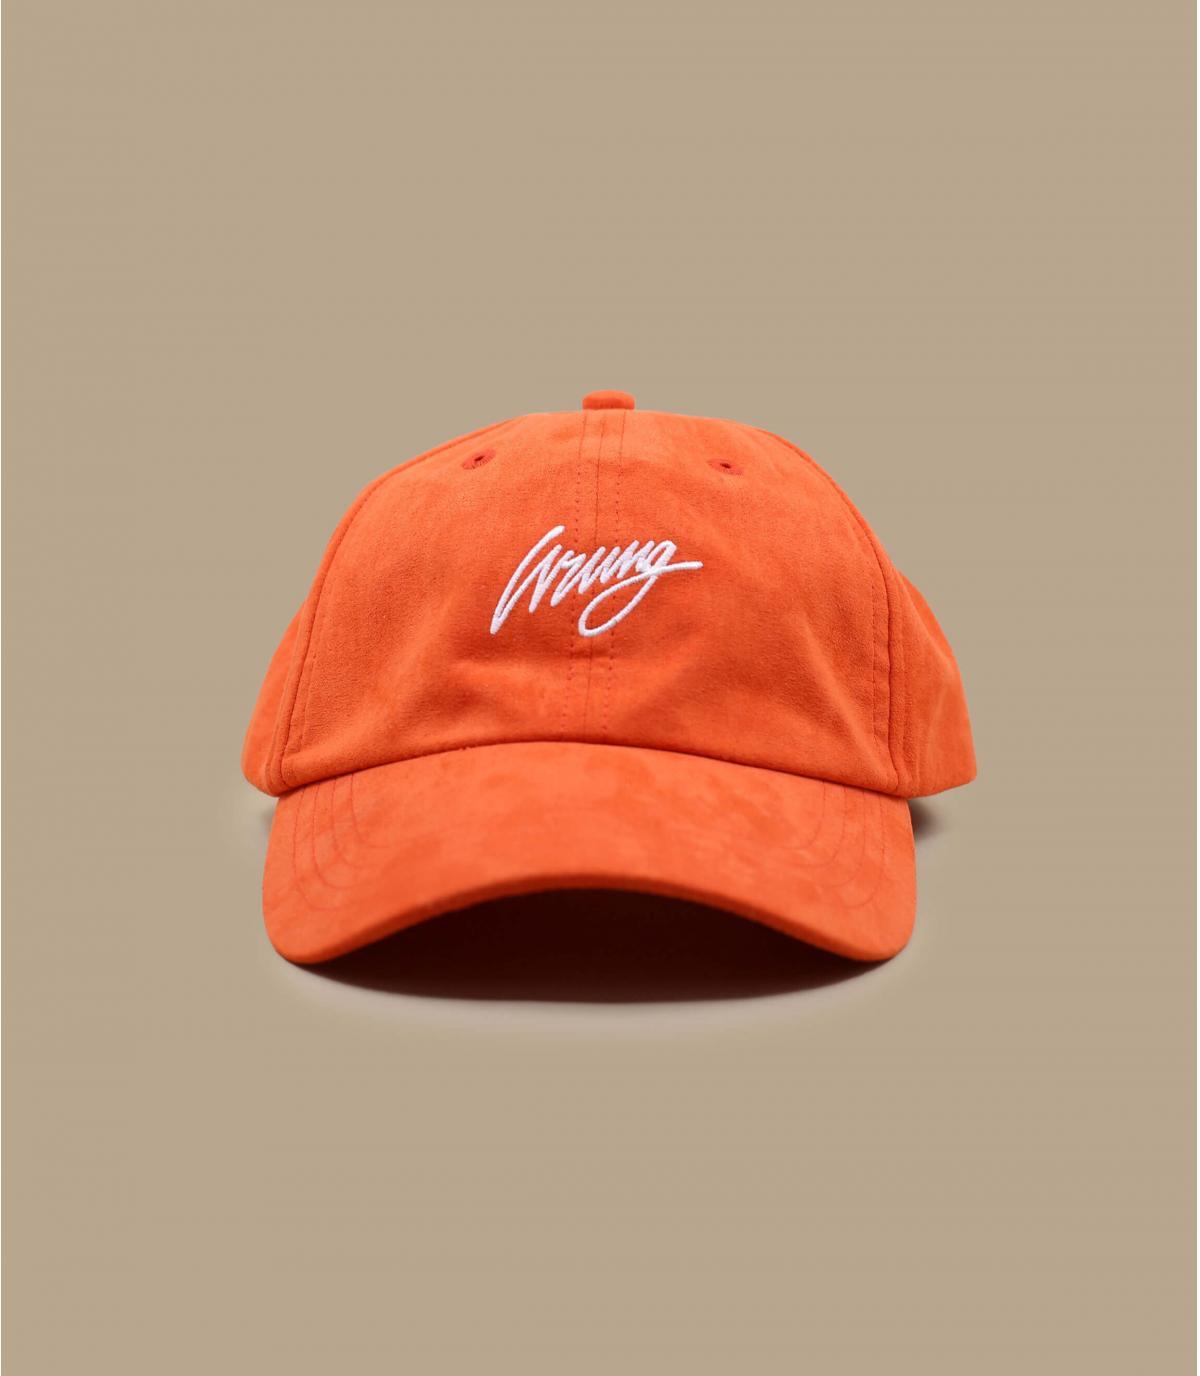 Cap orange Wrung